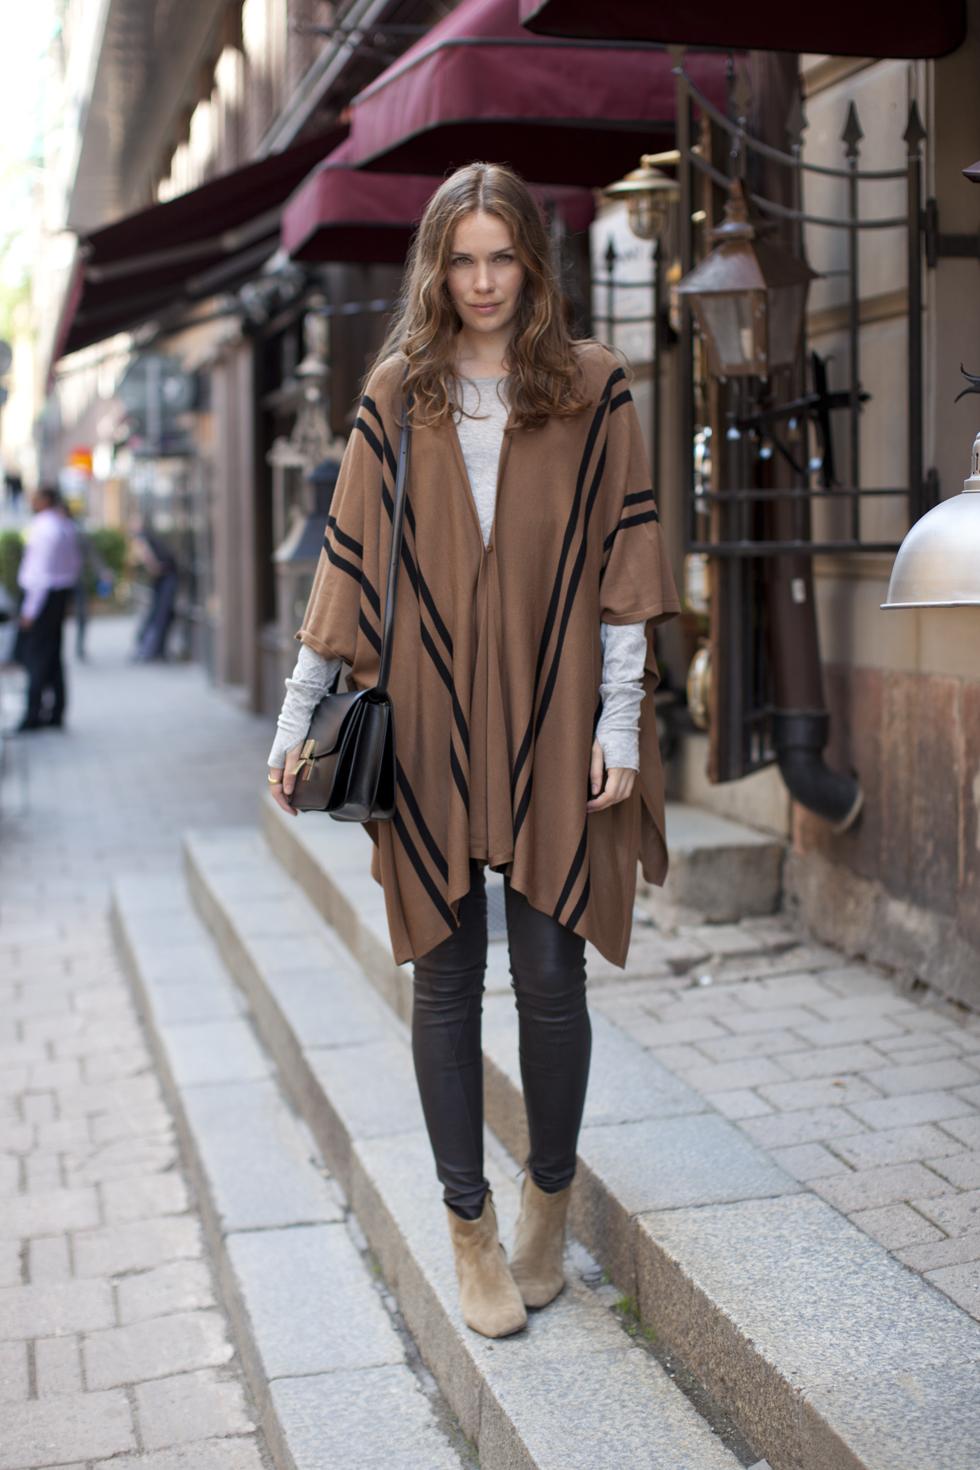 3a53333dc Boho Chic: ¿Cómo llevar tu estilo a la oficina?   Historias OUTFIE